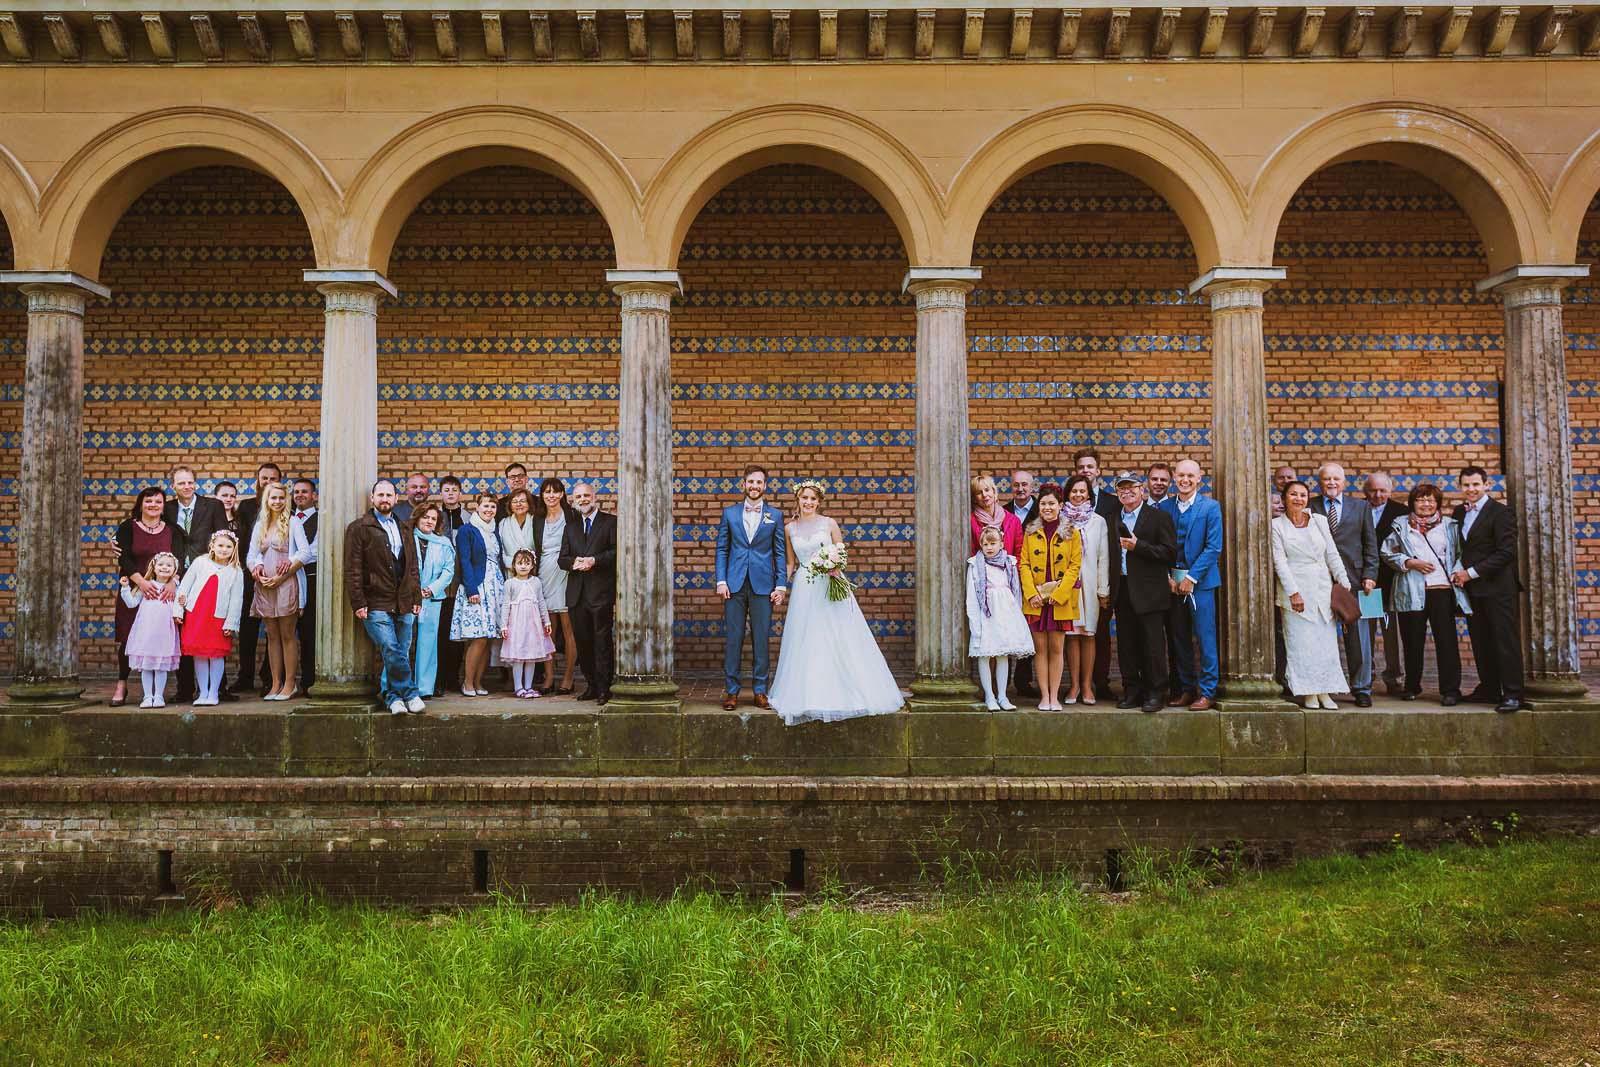 Gruppenfoto an der Heilandskirche Sacrow Hochzeitsfotograf Potsdam Copyright by Hochzeitsfotograf www.berliner-hochzeitsfotografie.de